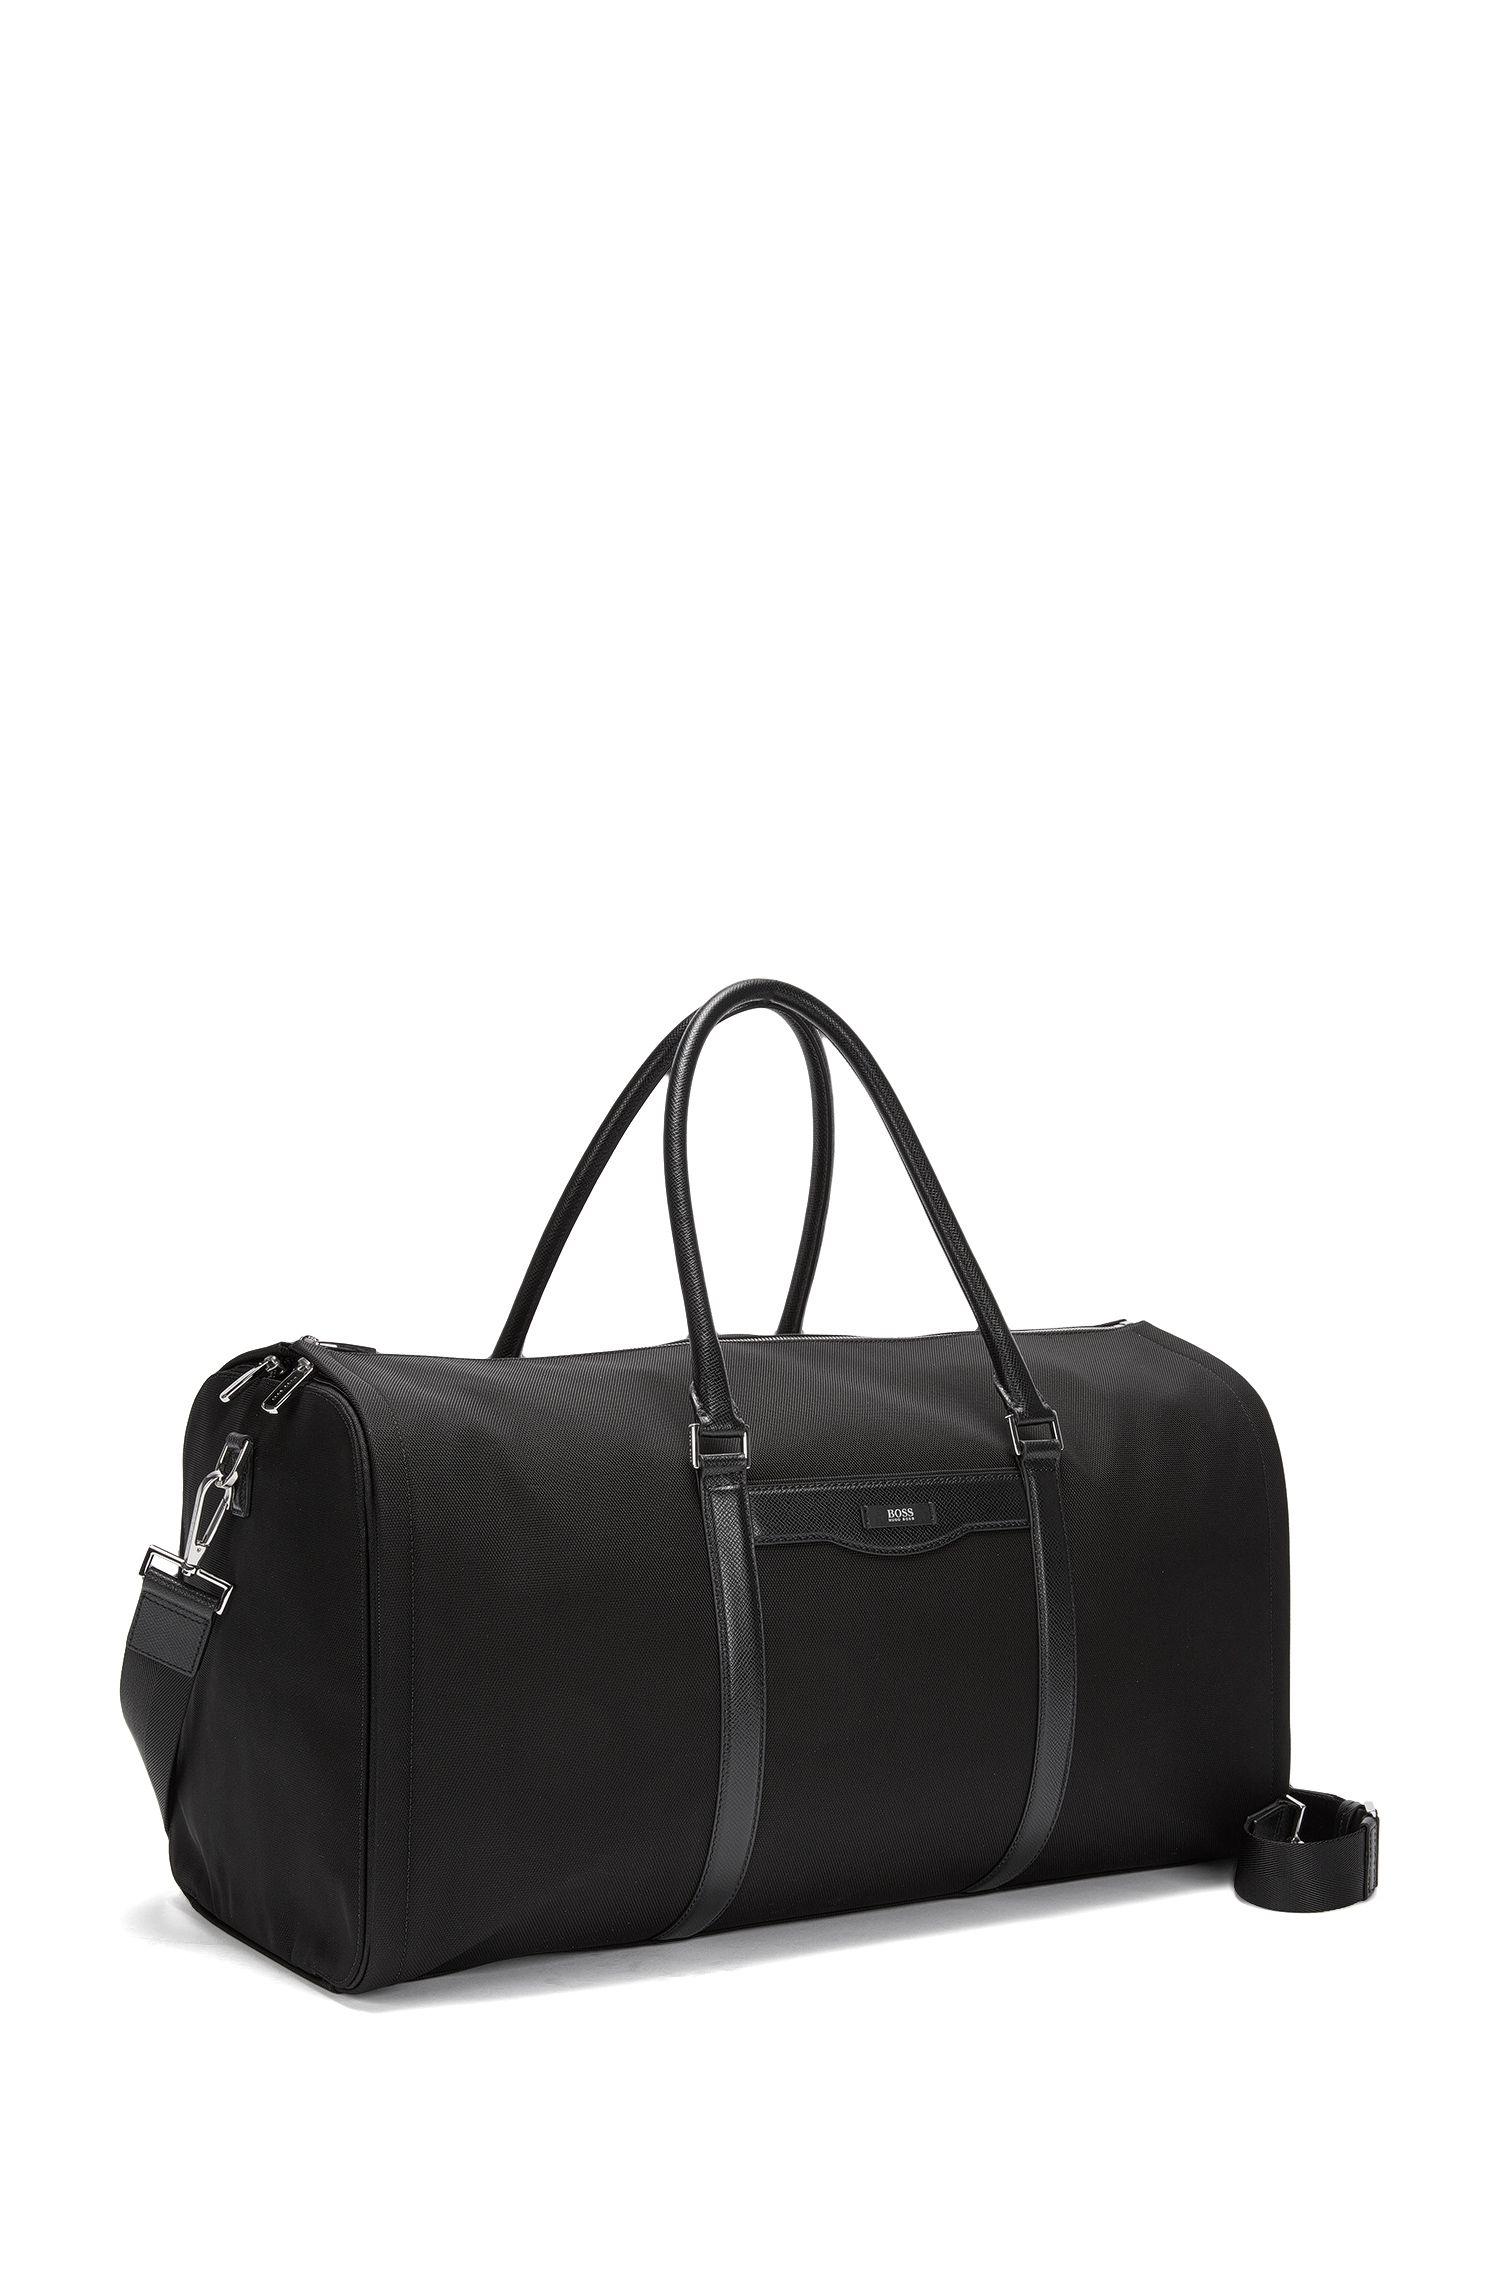 Nylon & Leather Travel Bag | Signature L Trav Bag